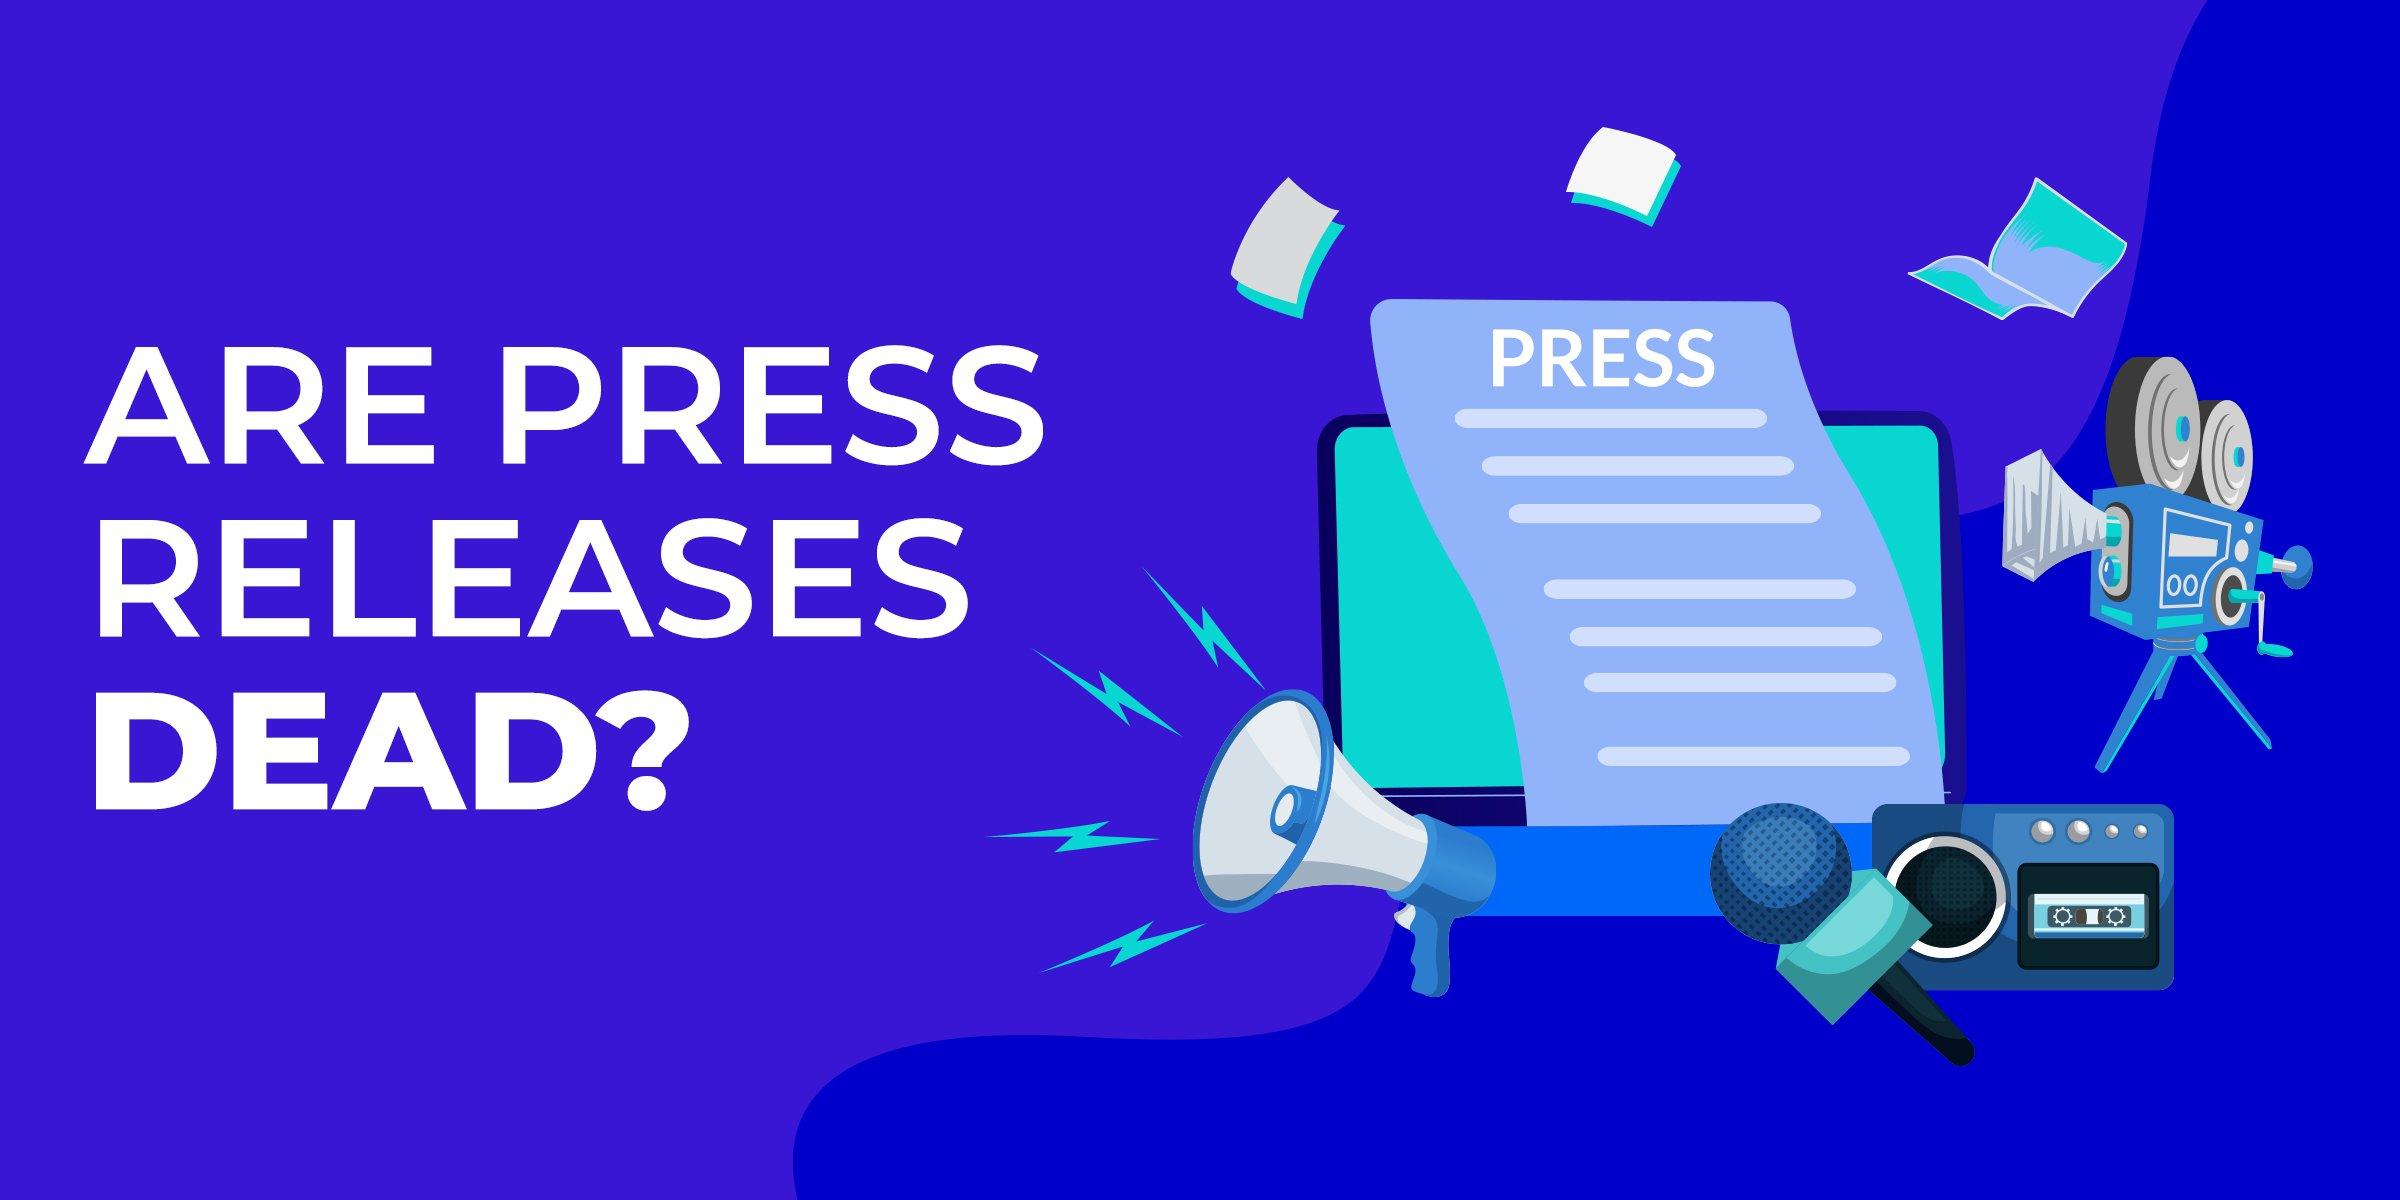 Are Press Releases Dead?